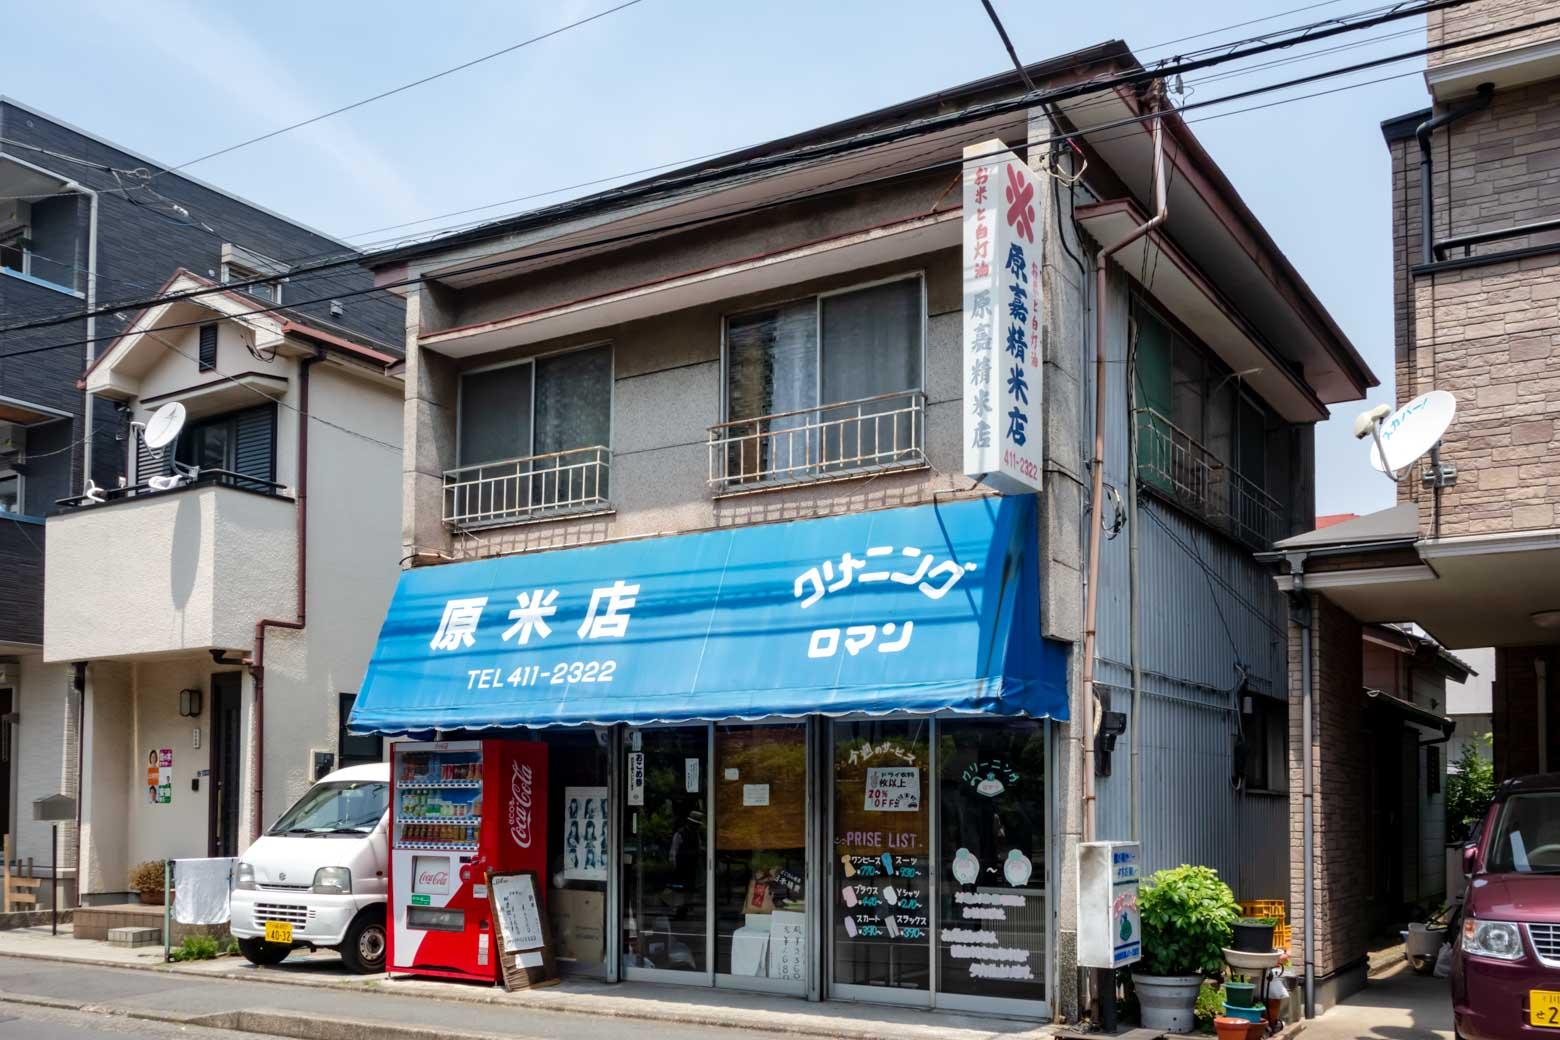 下町でよく見かける米屋とクリーニング屋が一緒になったお店。近くに住んでいたら常連になりたいです。